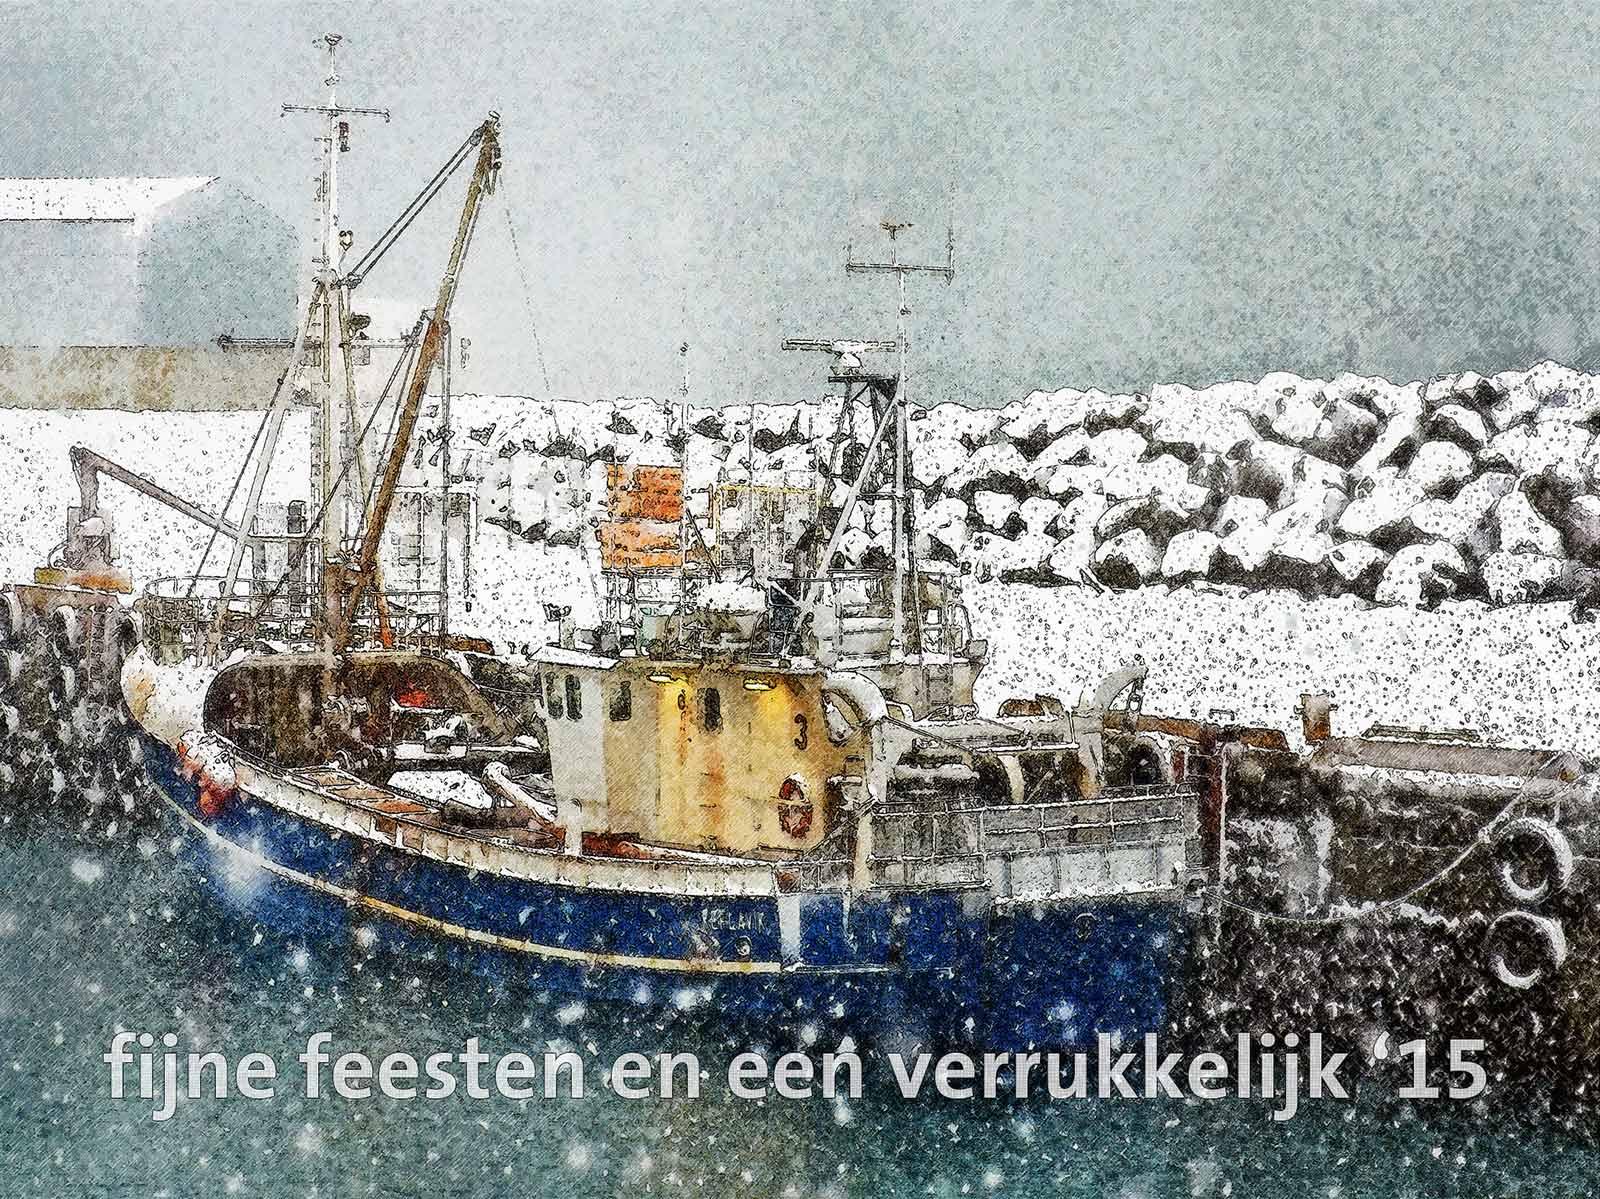 Kerstkaart met schilderachtig beeld van een vissersboot in de haven van Keflavik, IJsland, tijdens een hevige sneeuwbui